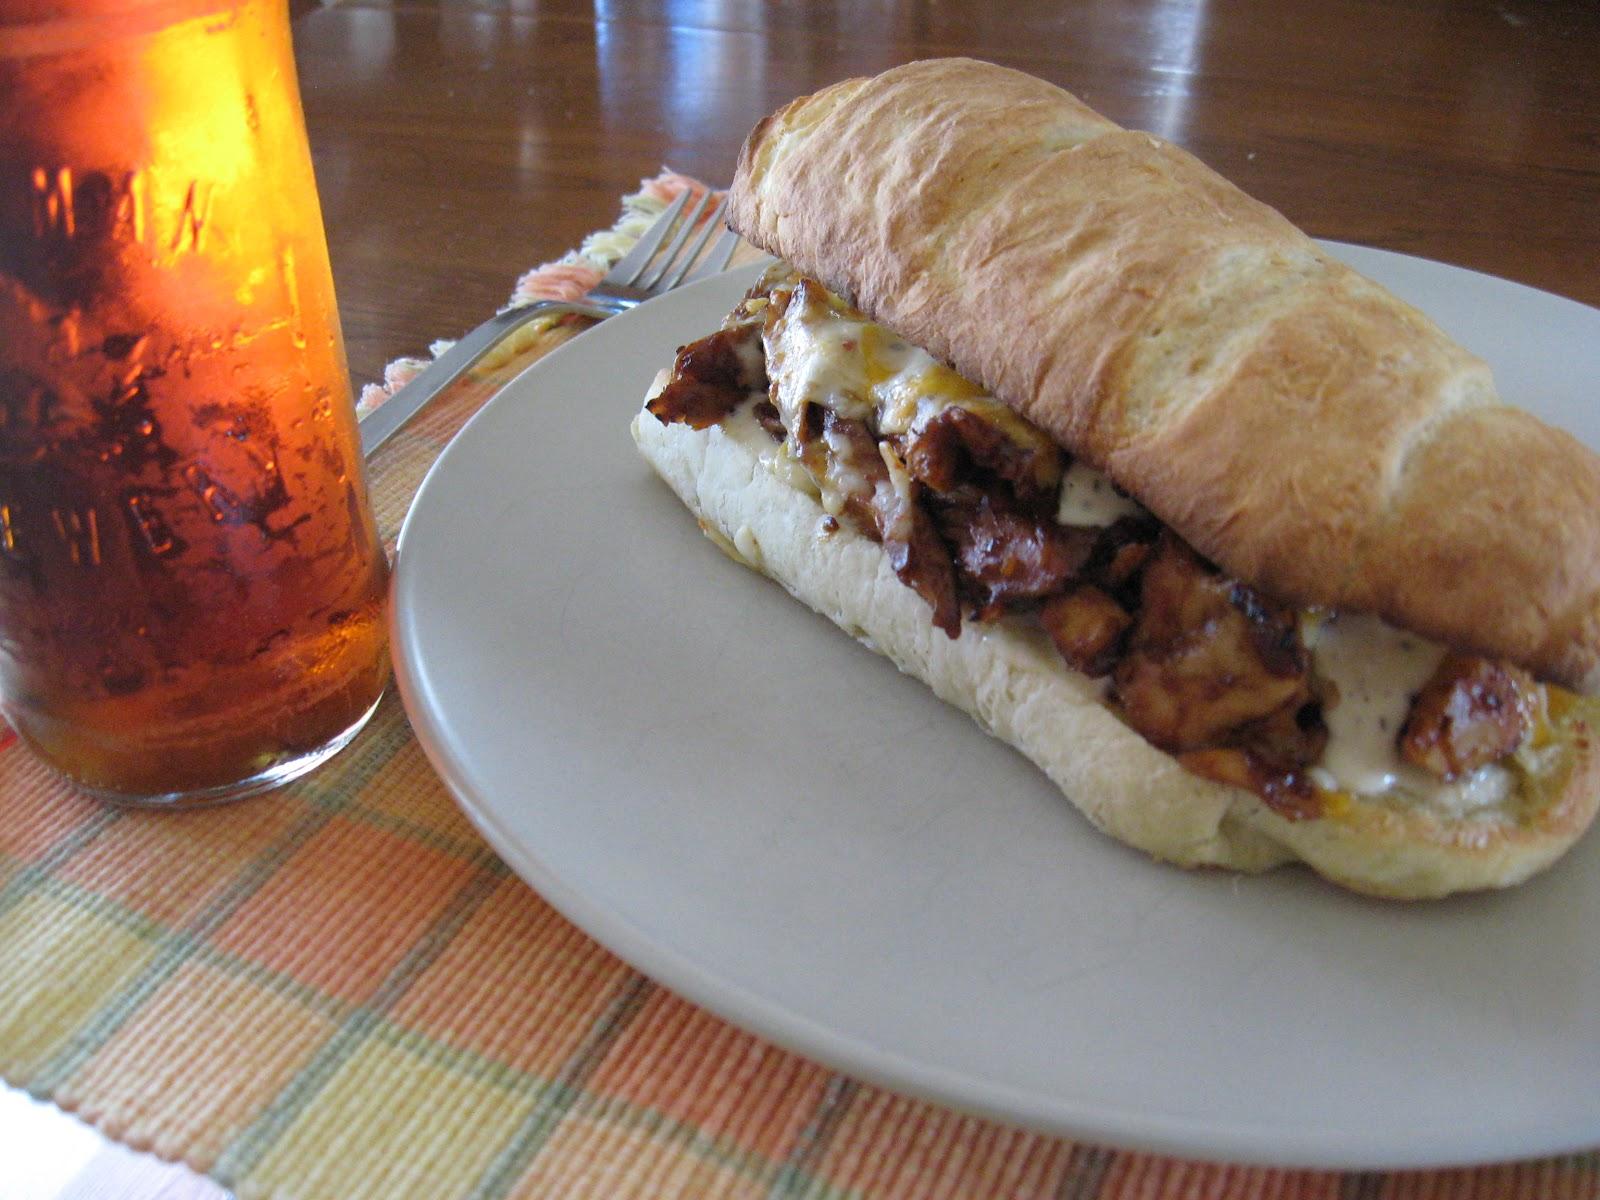 Recettes de flipp sandwich baguette maison au poulet bbq - Recette sandwich froid baguette ...